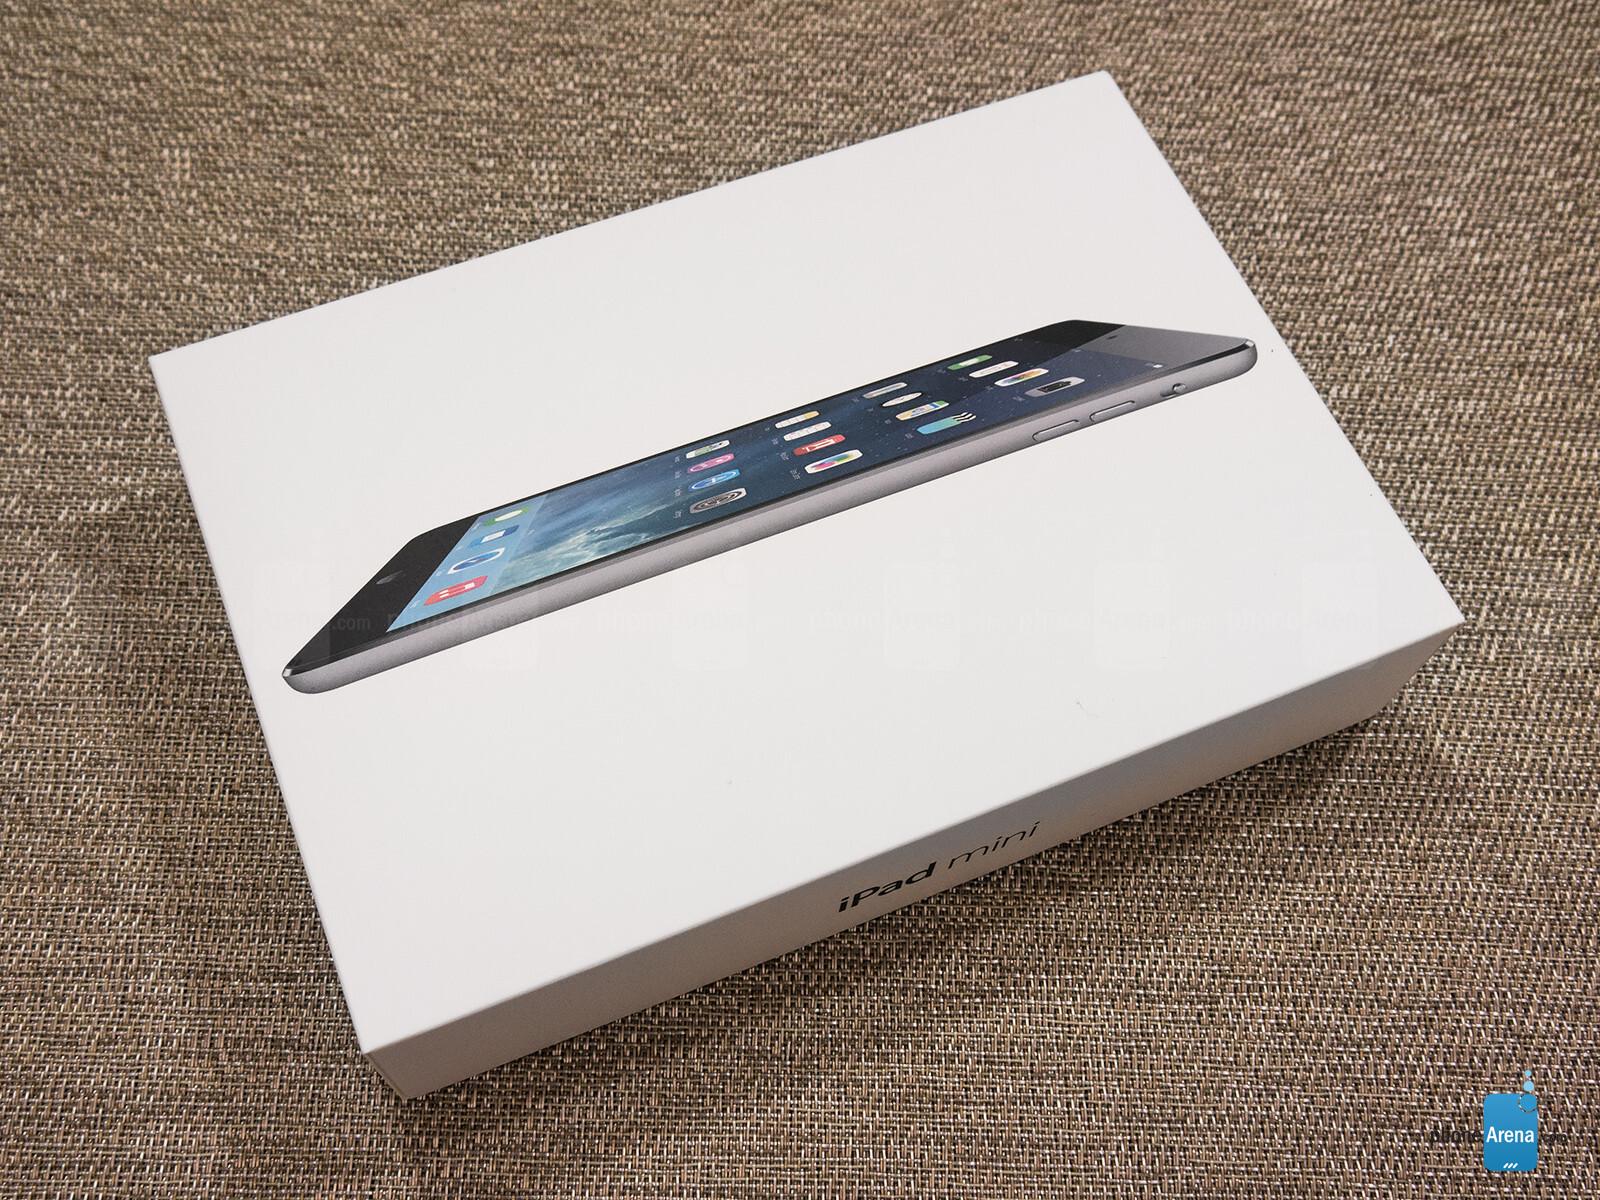 Apple Ipad Mini 3 Box Apple Ipad Mini 2 Review